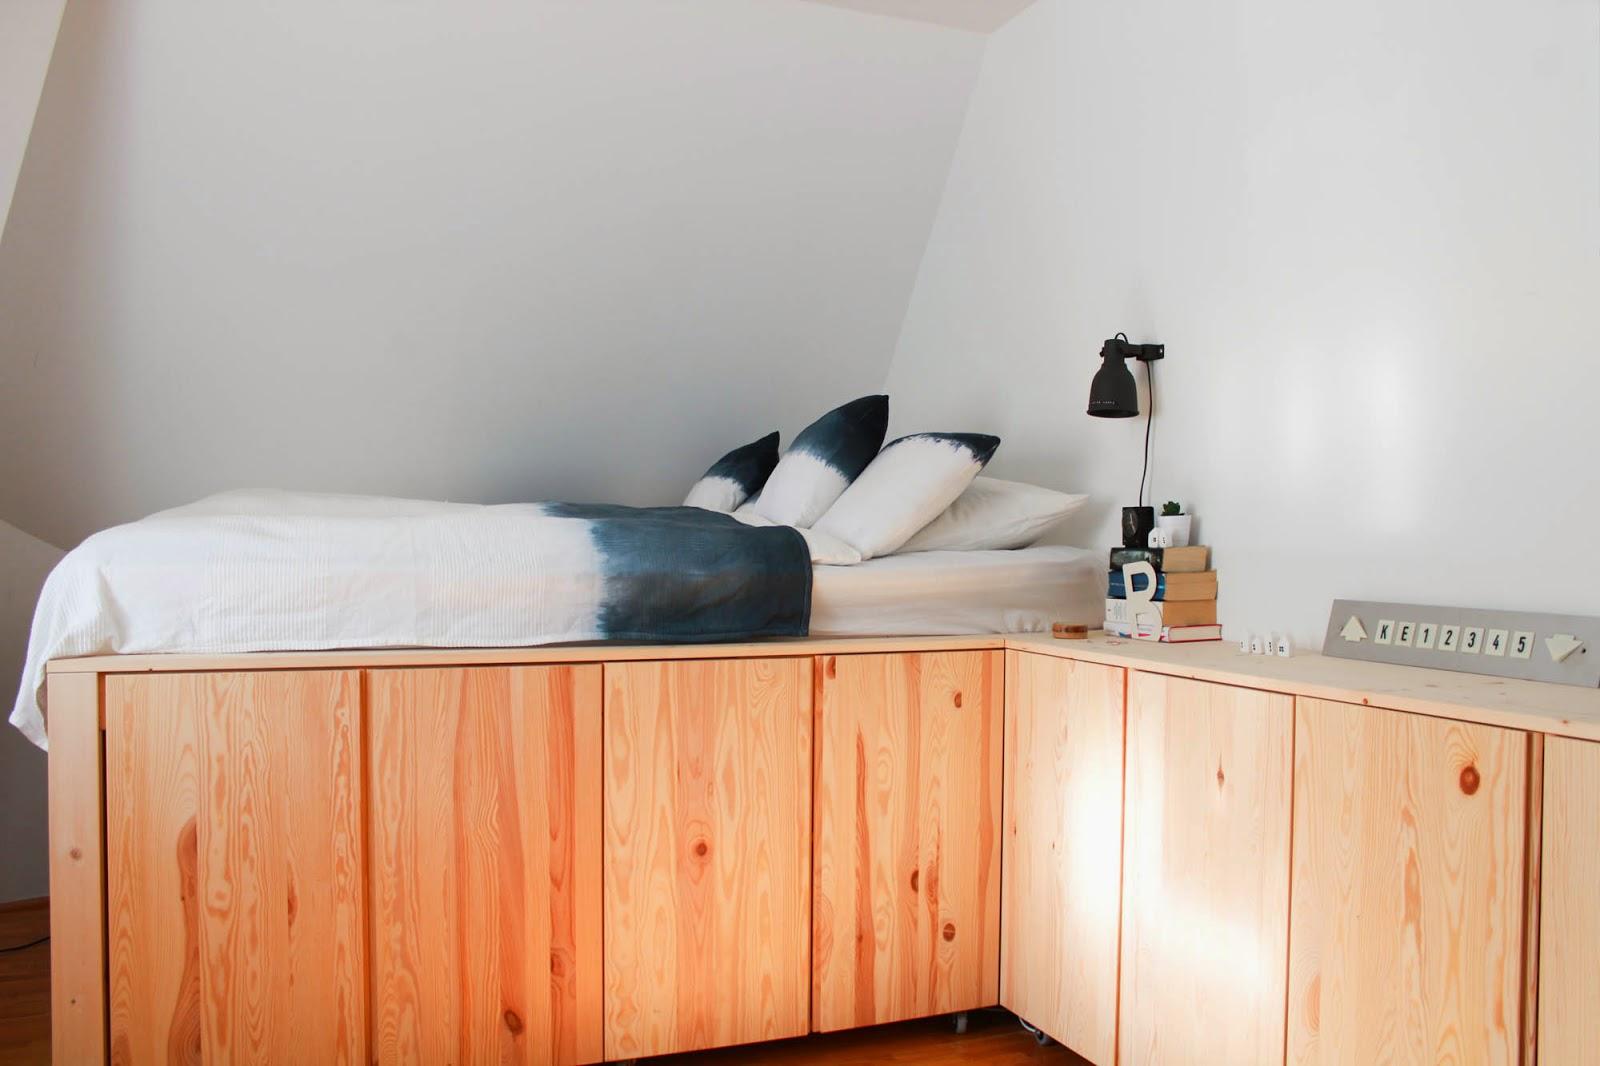 Full Size of Podestbett Ikea Schlafzimmer 20 Platz Sofa Mit Schlaffunktion Betten 160x200 Küche Kaufen Bei Miniküche Modulküche Kosten Wohnzimmer Podestbett Ikea